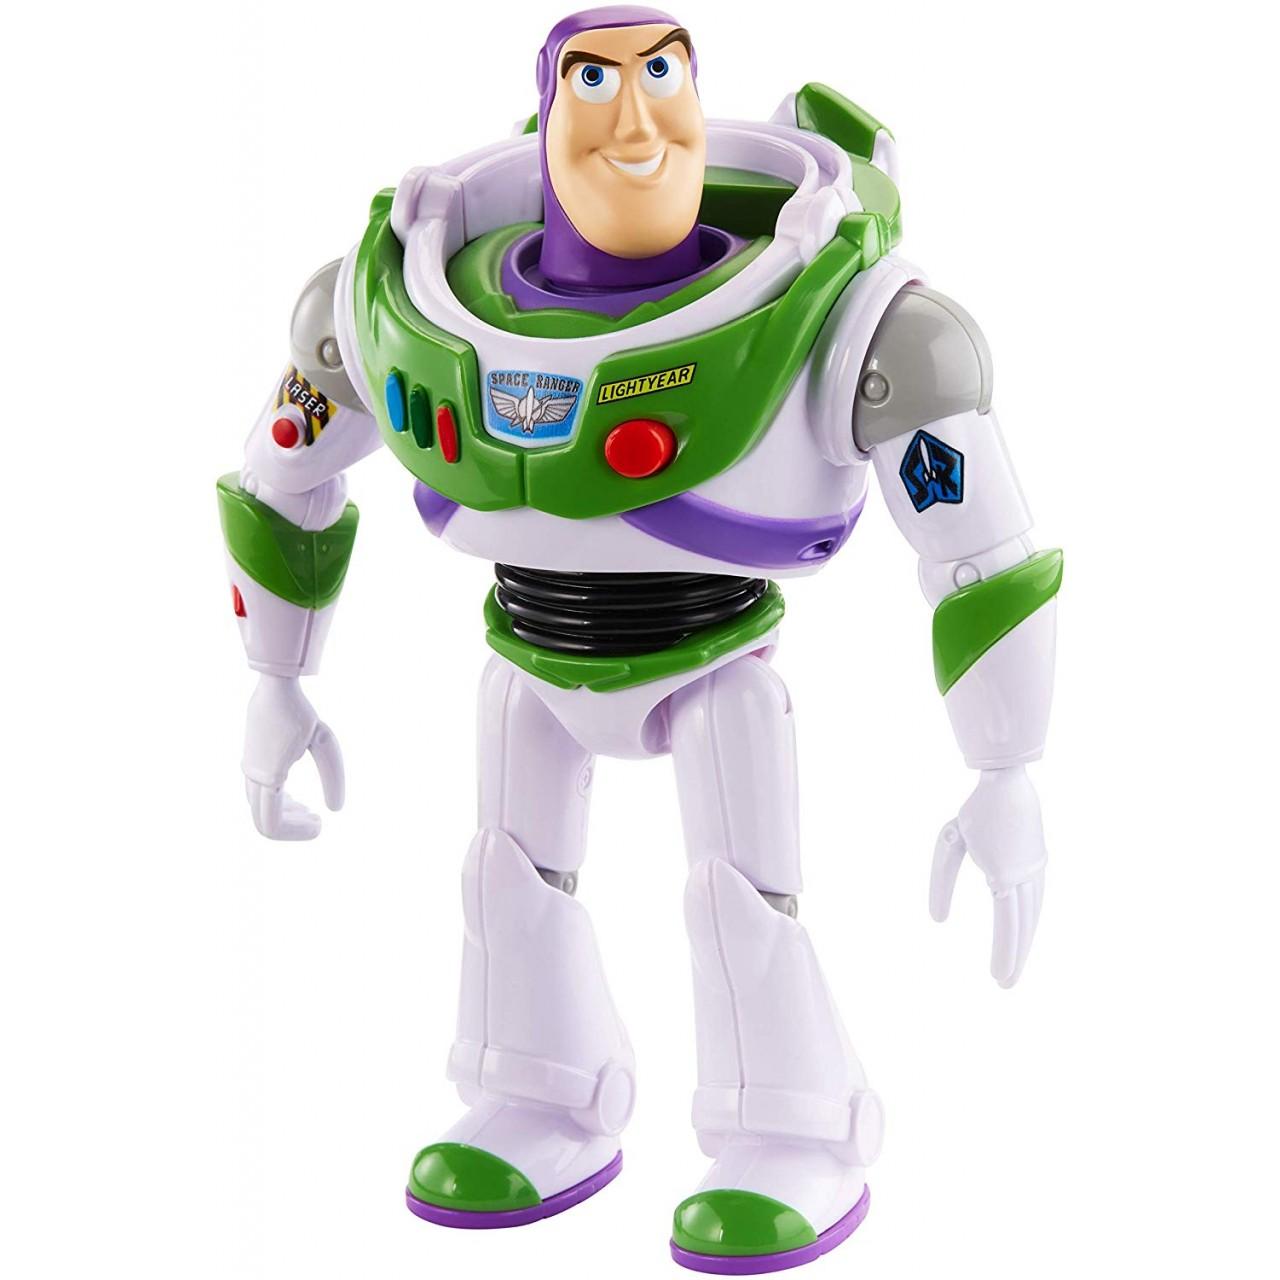 """Интерактивная фигурка Базз Лайтер """"История игрушек 4"""" 18см от Mattel"""